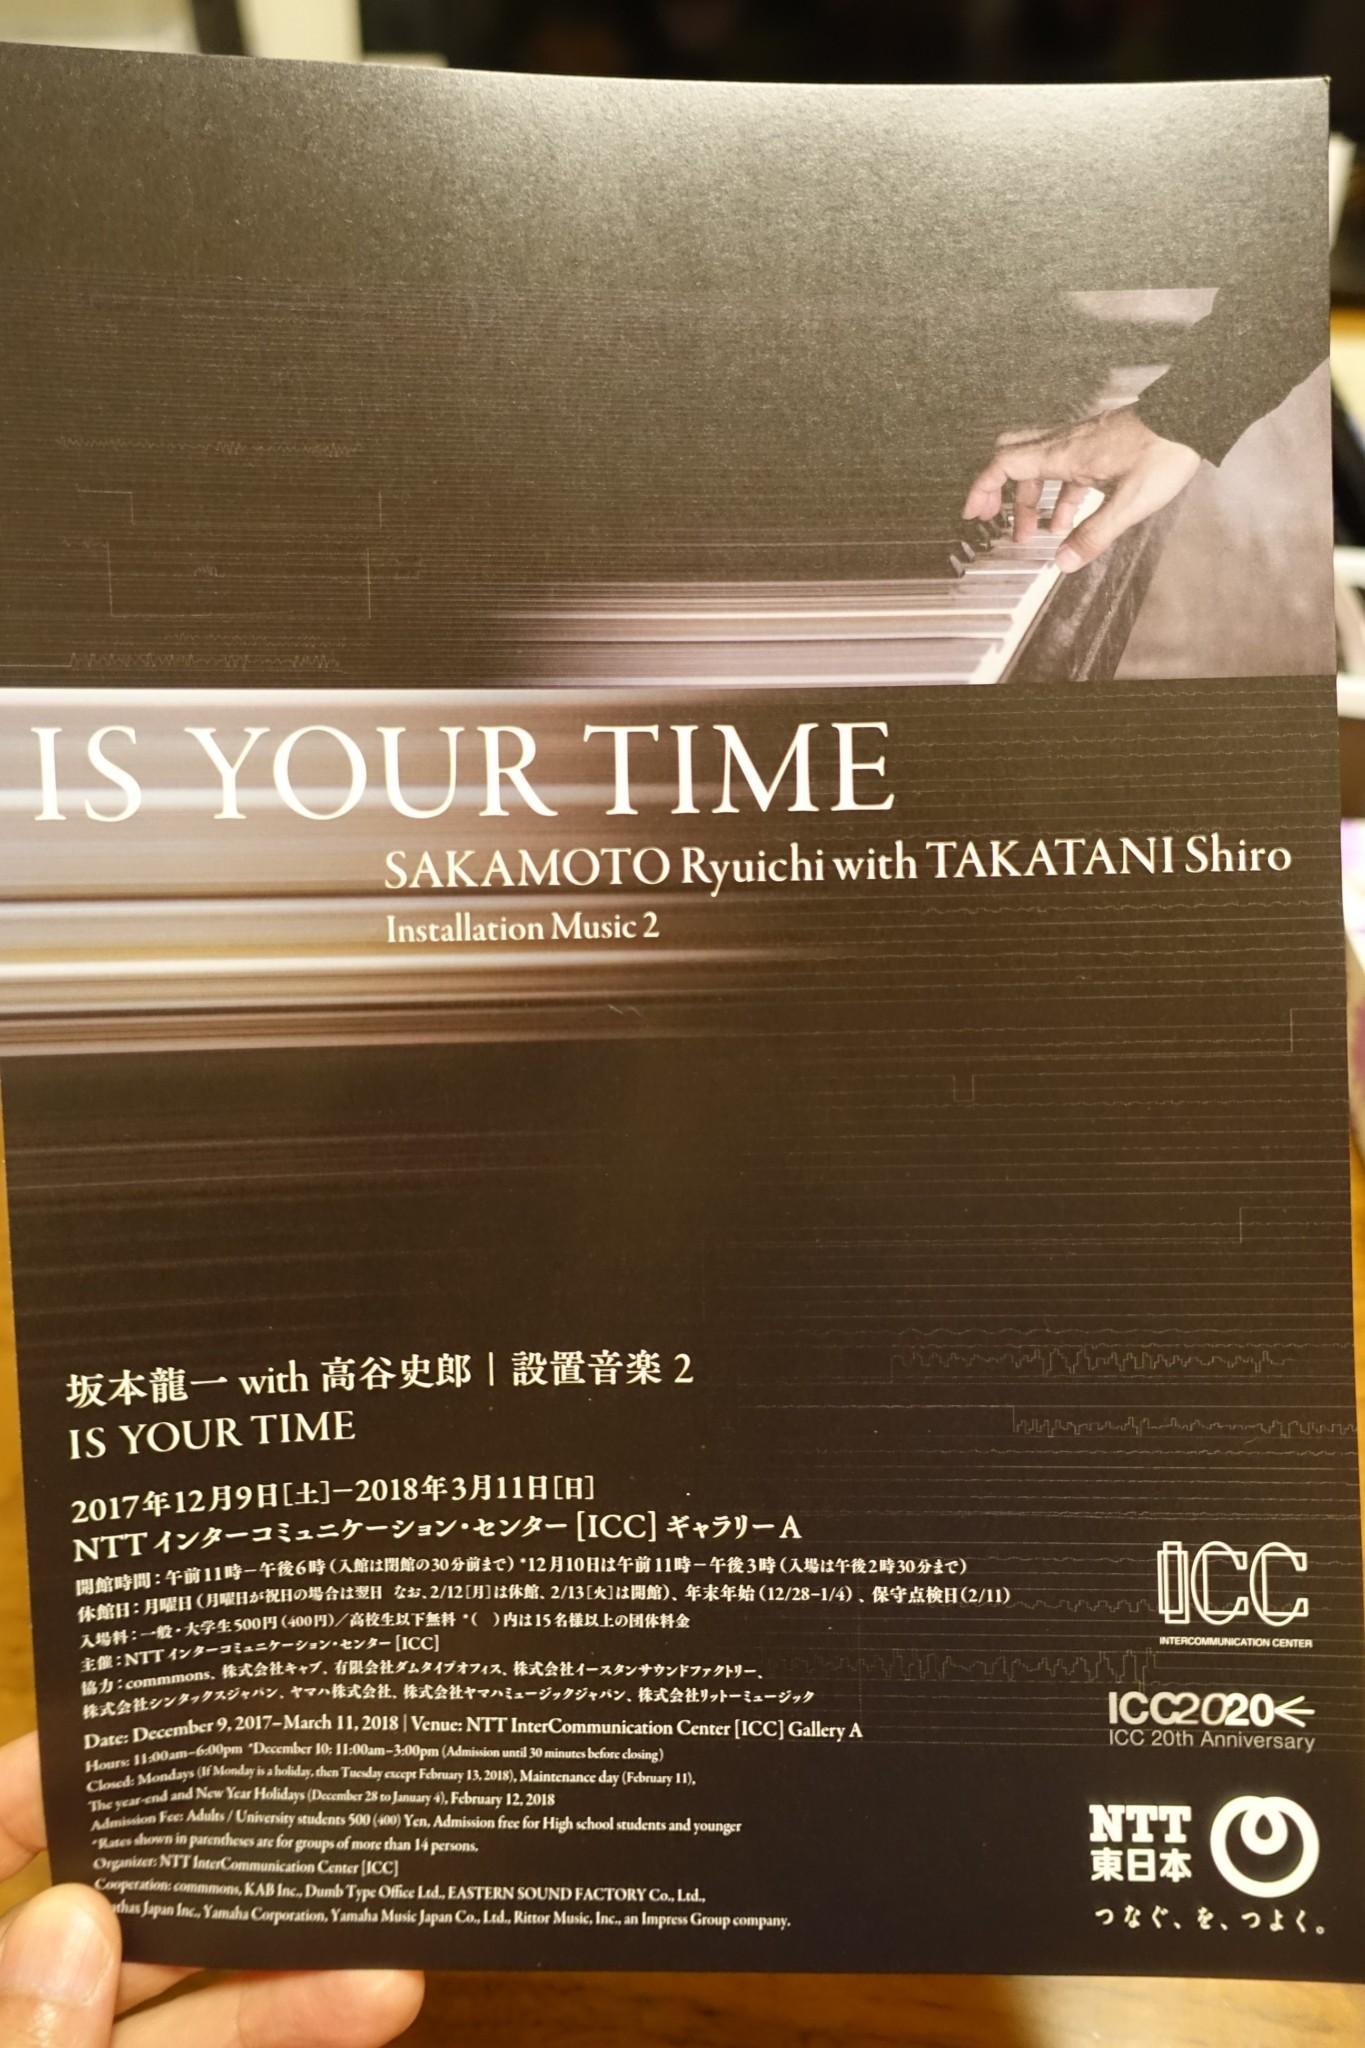 坂本龍一 with 高谷史郎|設置音楽2 IS YOUR TIME